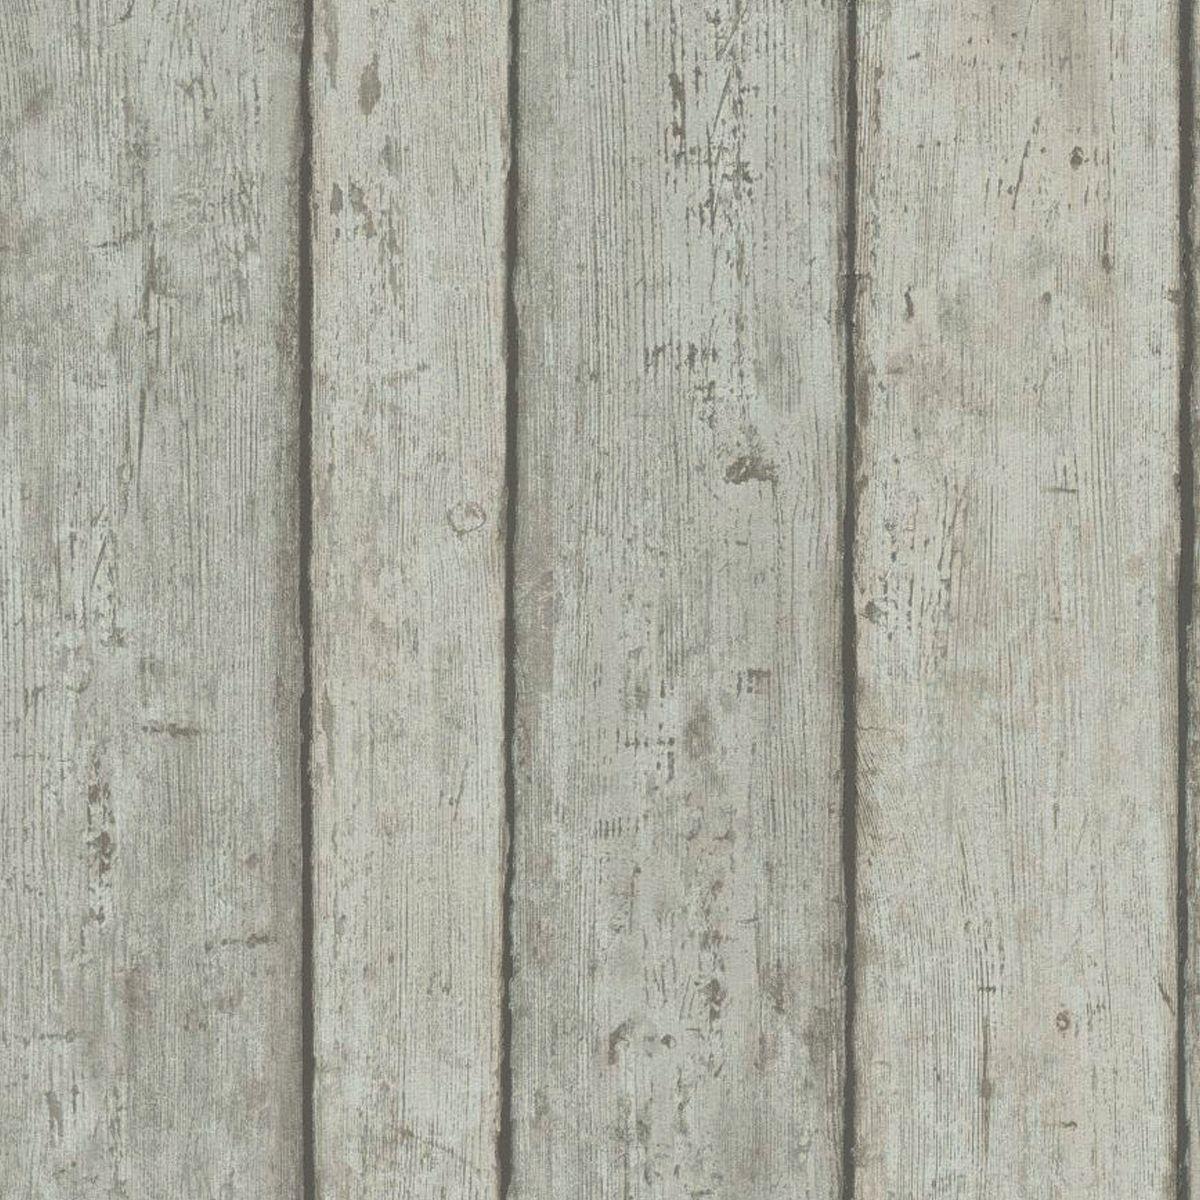 Carta da parati legno anticato beige 10 05 m prezzi e for Carta parati on line